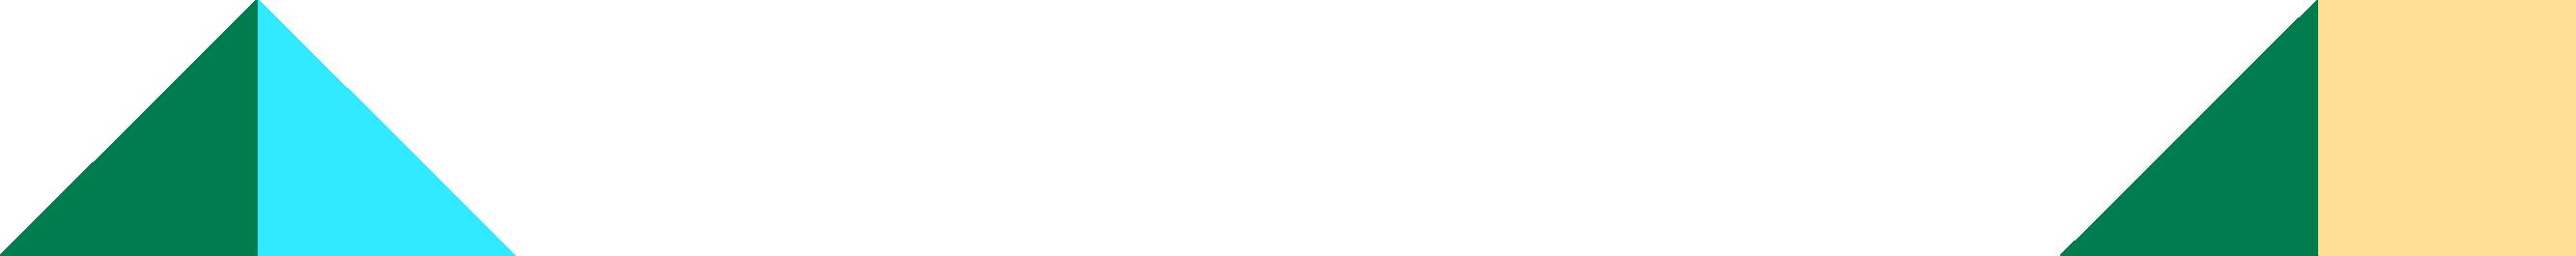 JLIWLR_4-4-D